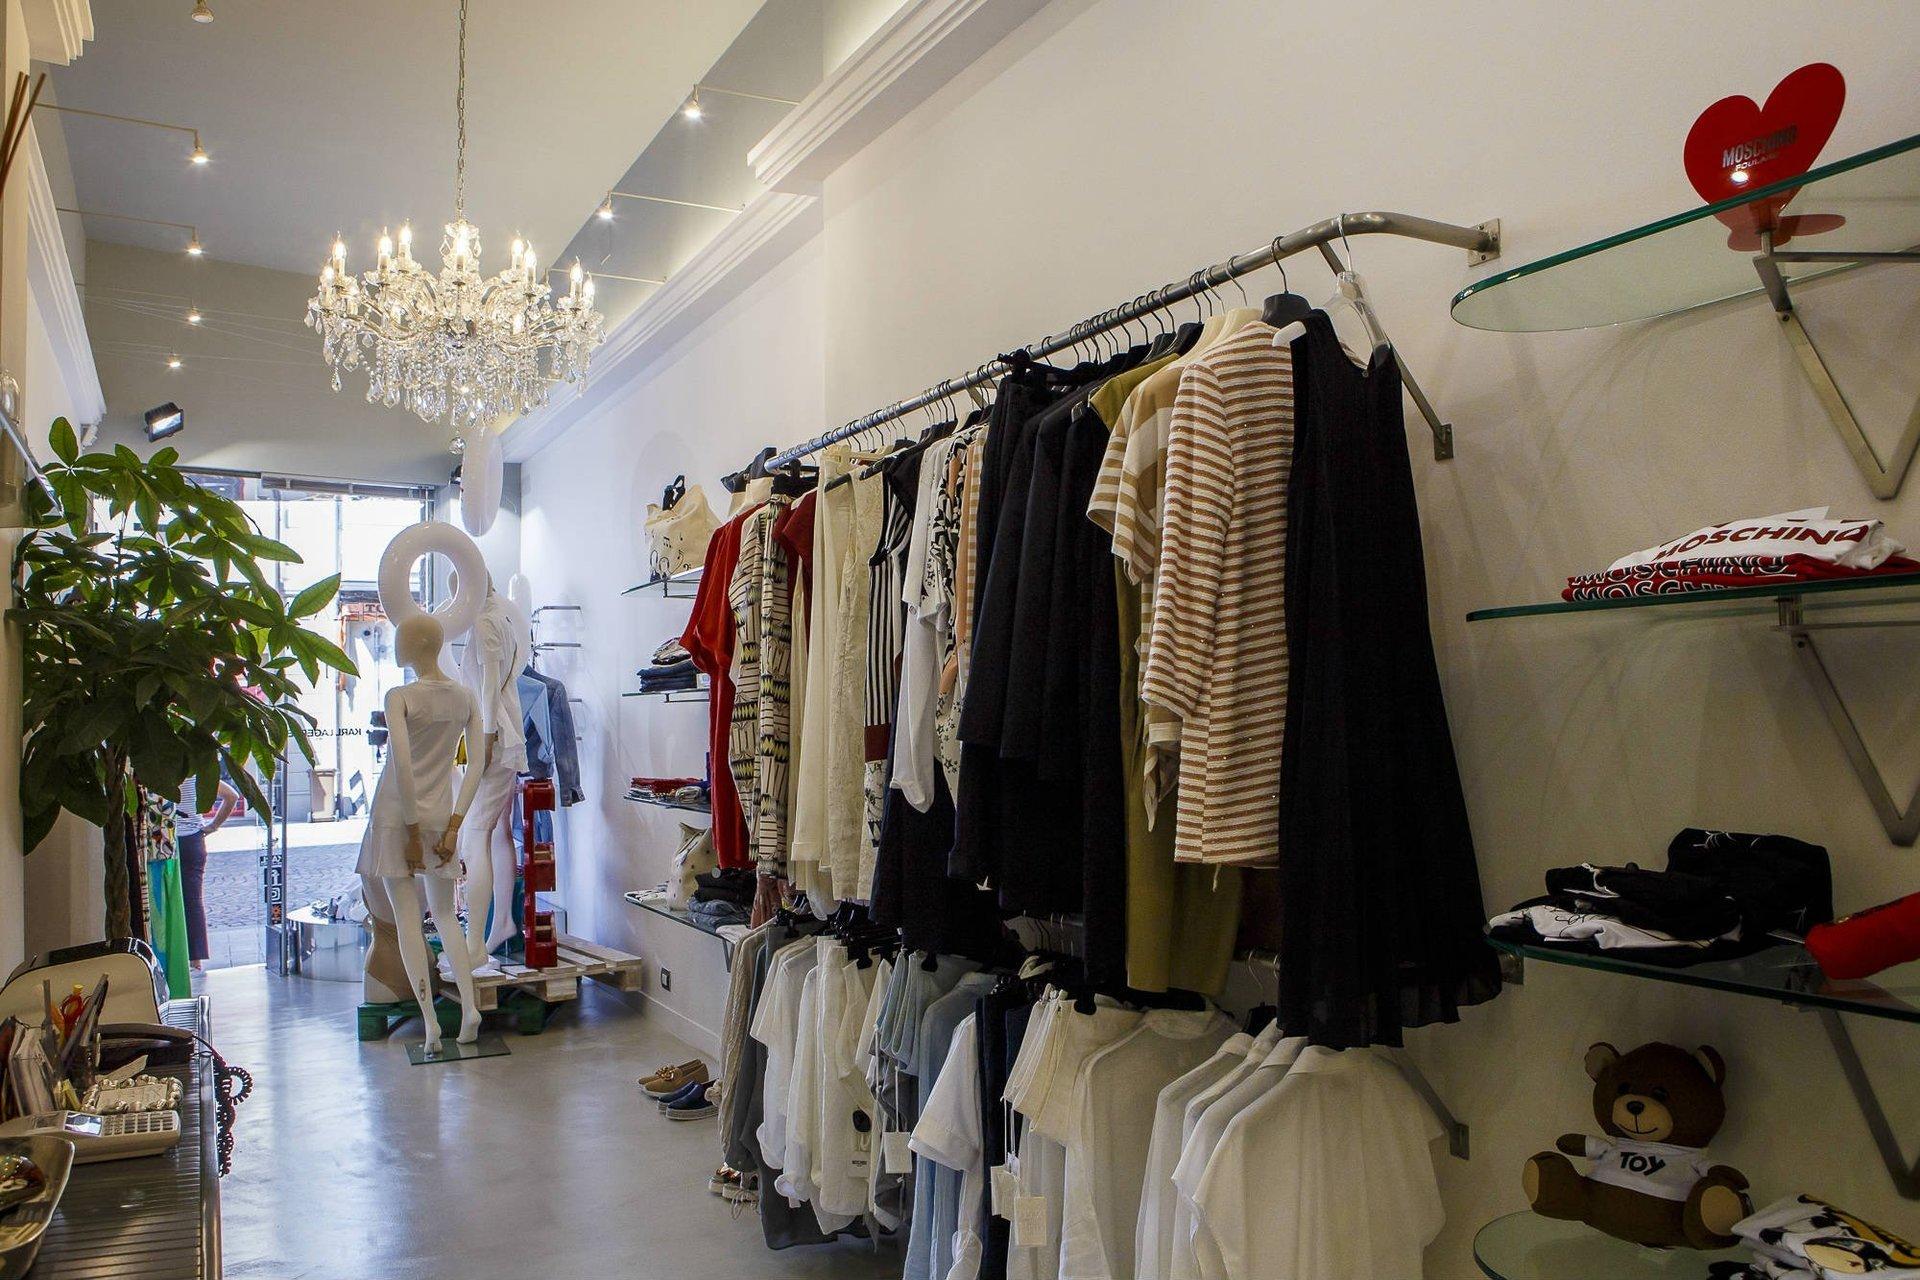 interno di una boutique con degli appendini e vestiti appesi